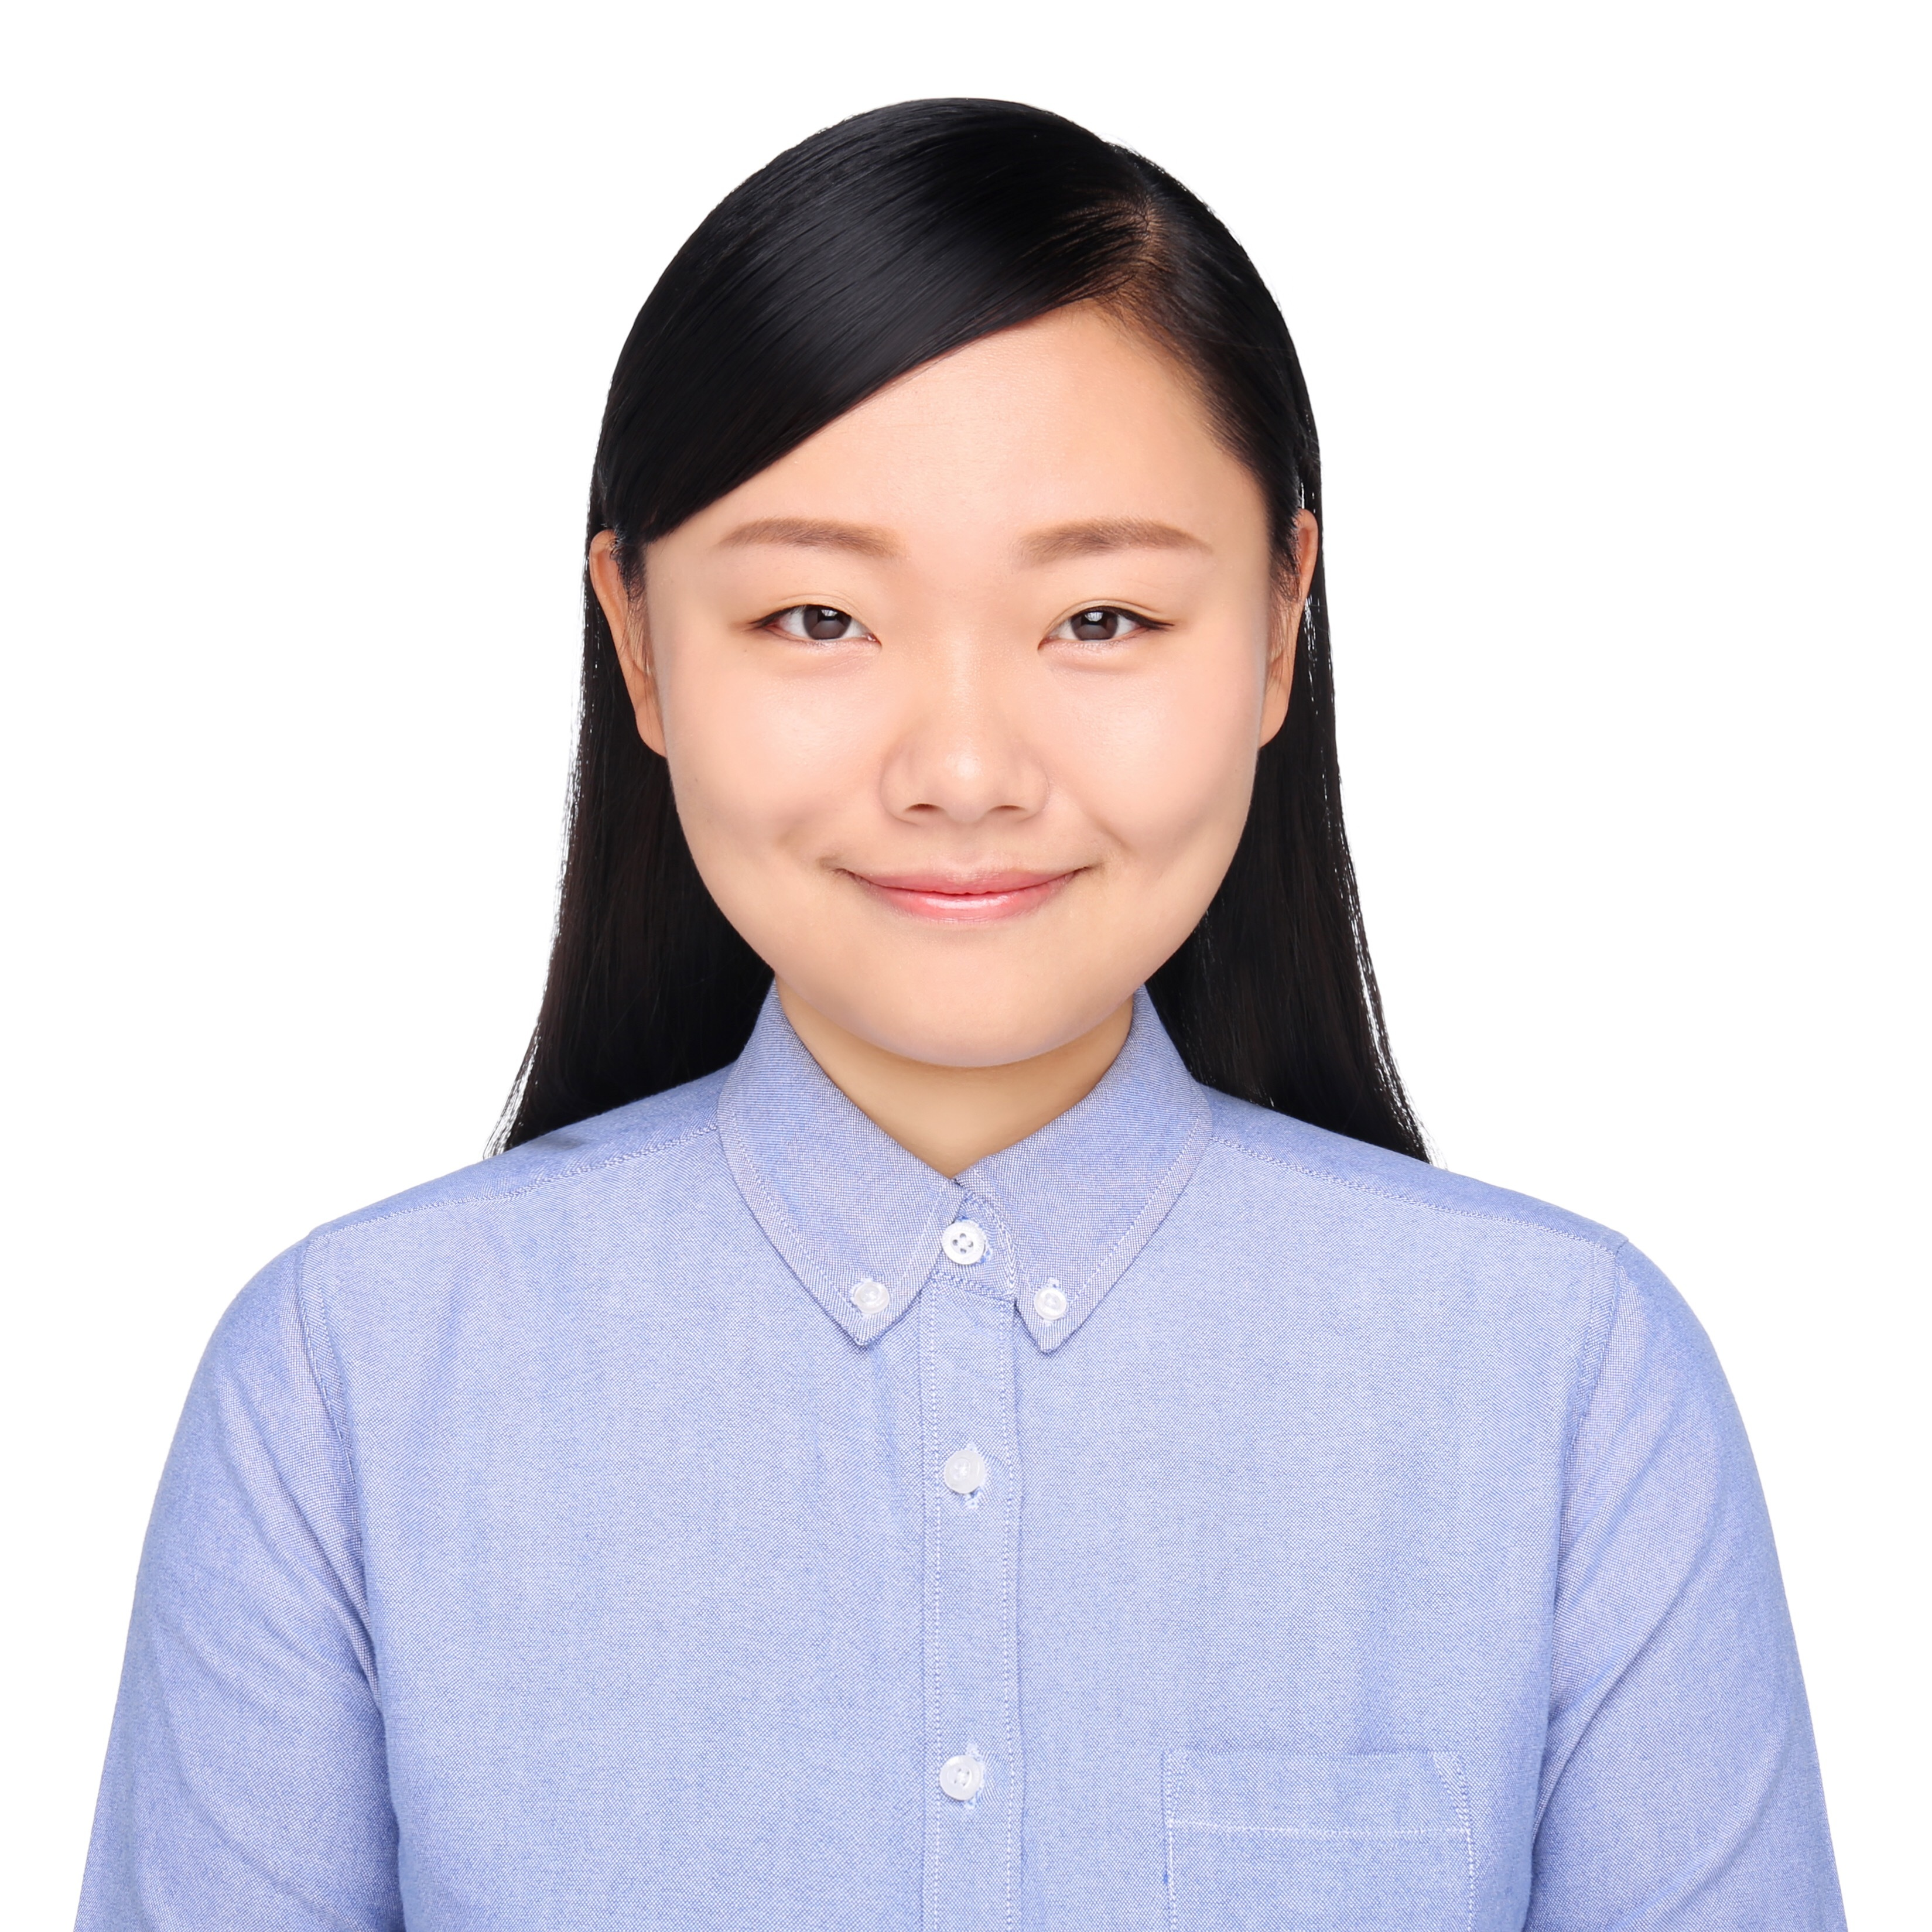 上海家教付老师